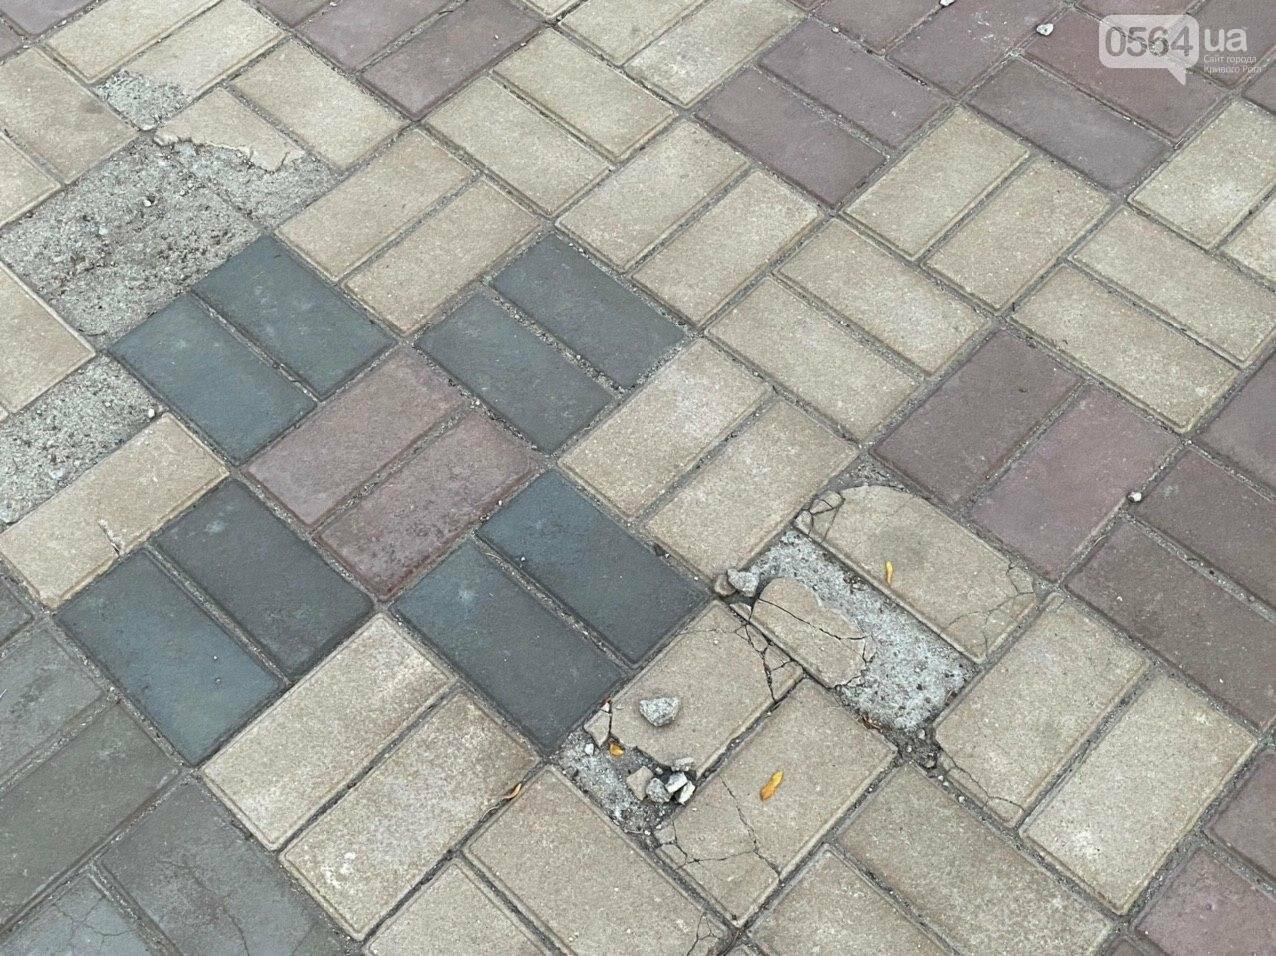 Второй раз по гарантийному договору будут менять плитку под райисполкомом в Кривом Роге, - ФОТО , фото-22